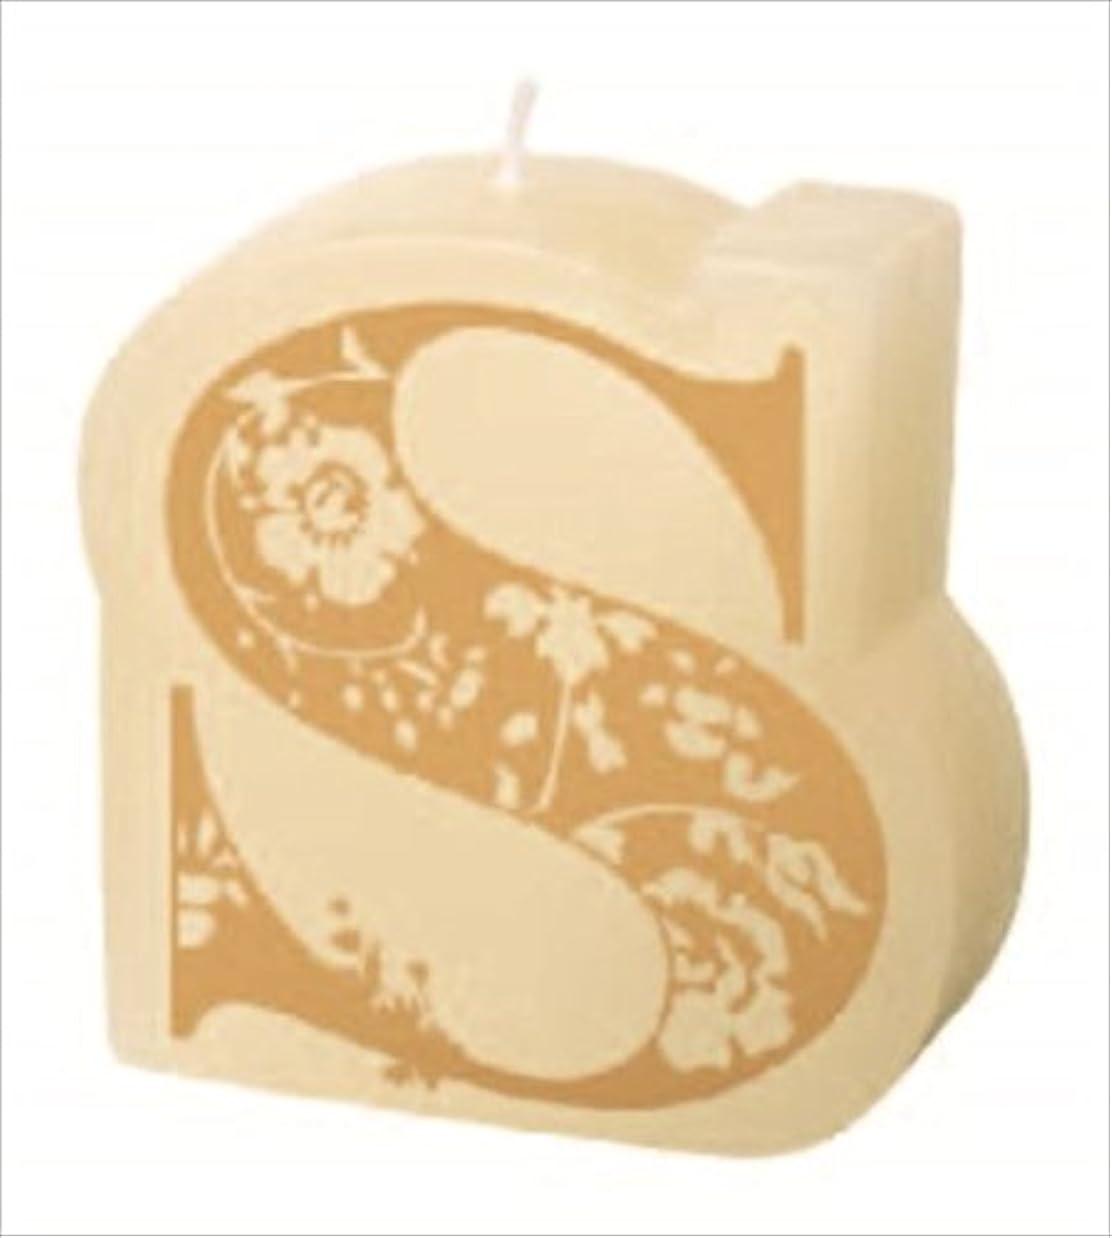 株式してはいけないバターカメヤマキャンドル(kameyama candle) イニシャルキャンドルミニ 「 S 」